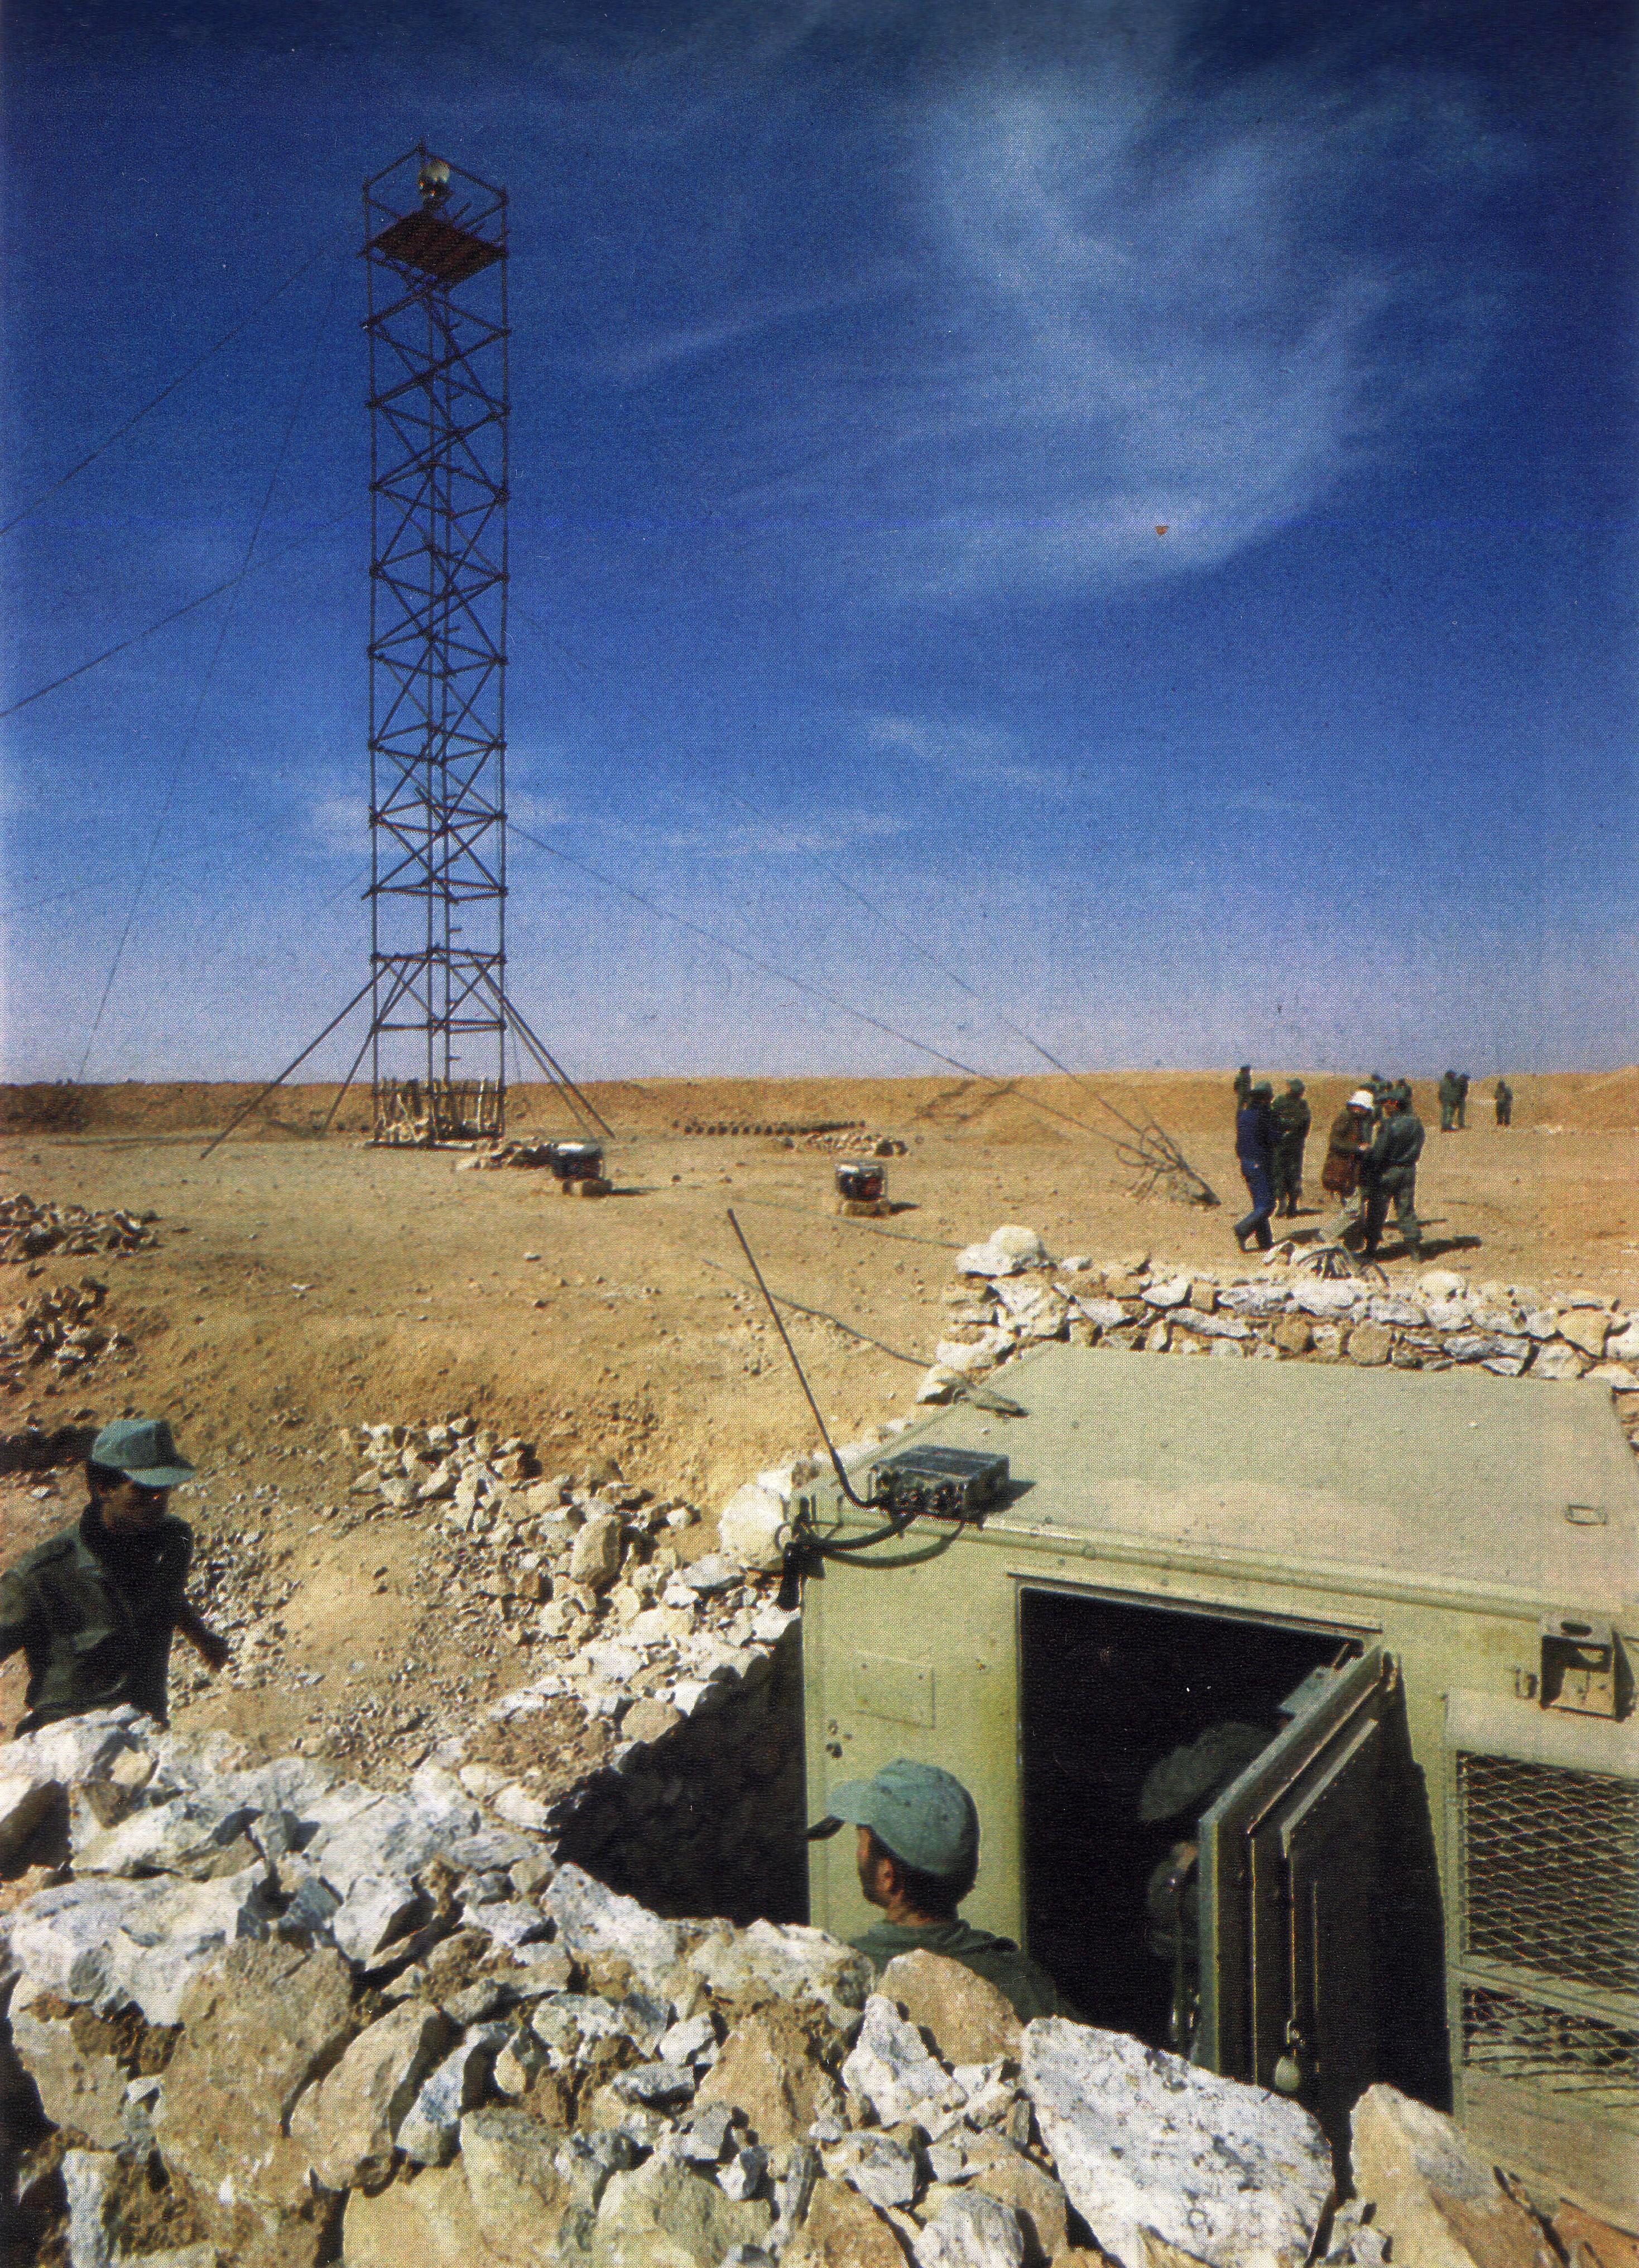 Le conflit armé du sahara marocain - Page 10 41031005714_aef1f2d0da_o